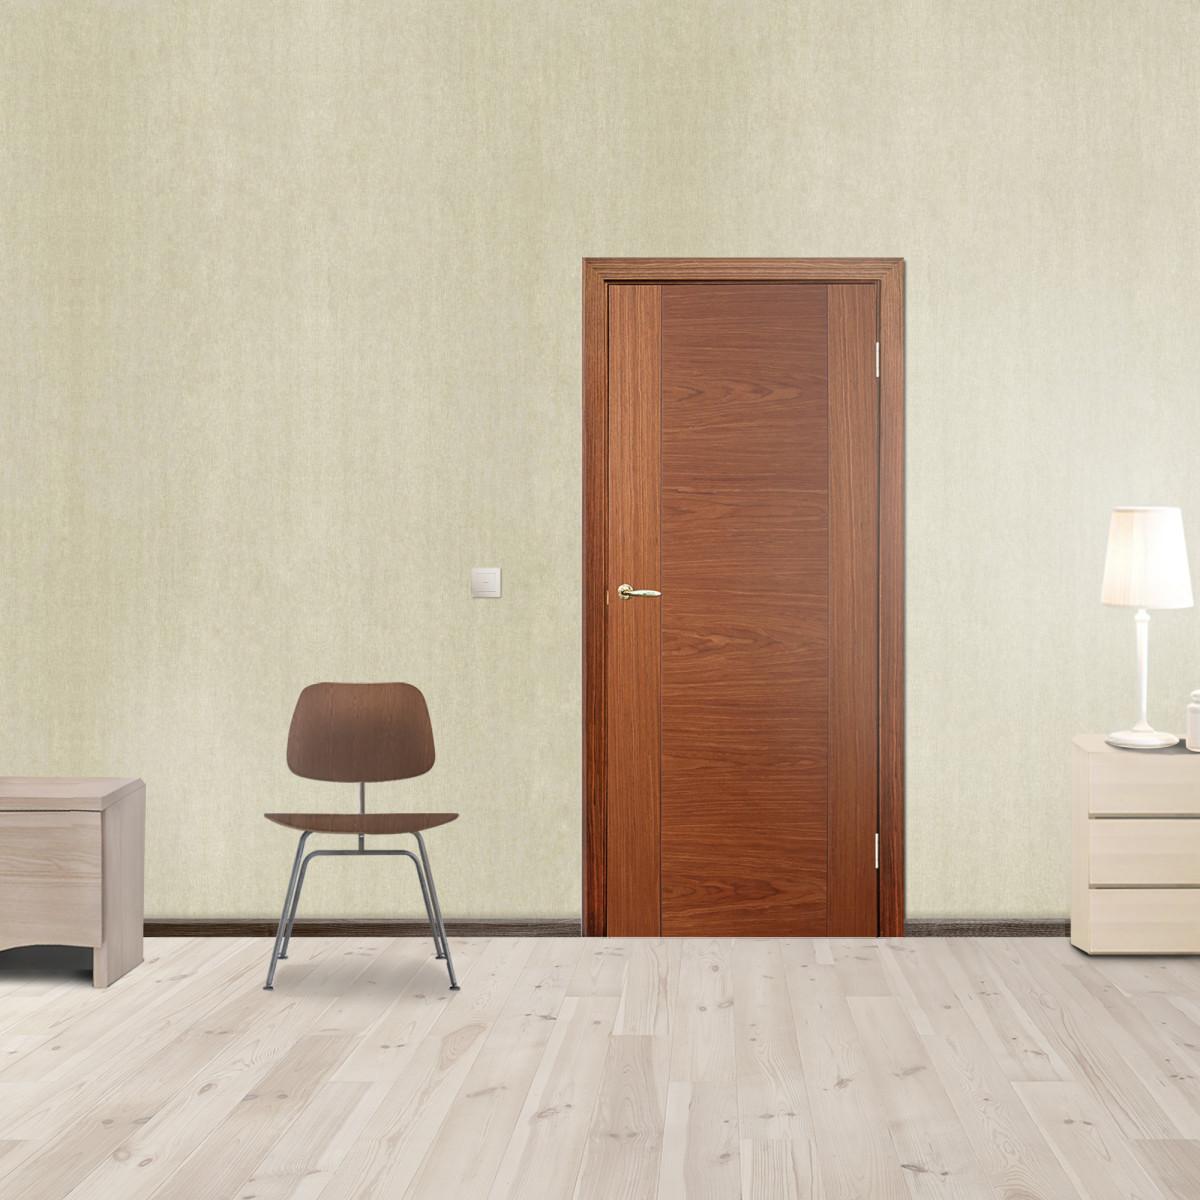 Дверь Межкомнатная Глухая Vario 60x200 Шпон Цвет Орех С Фурнитурой